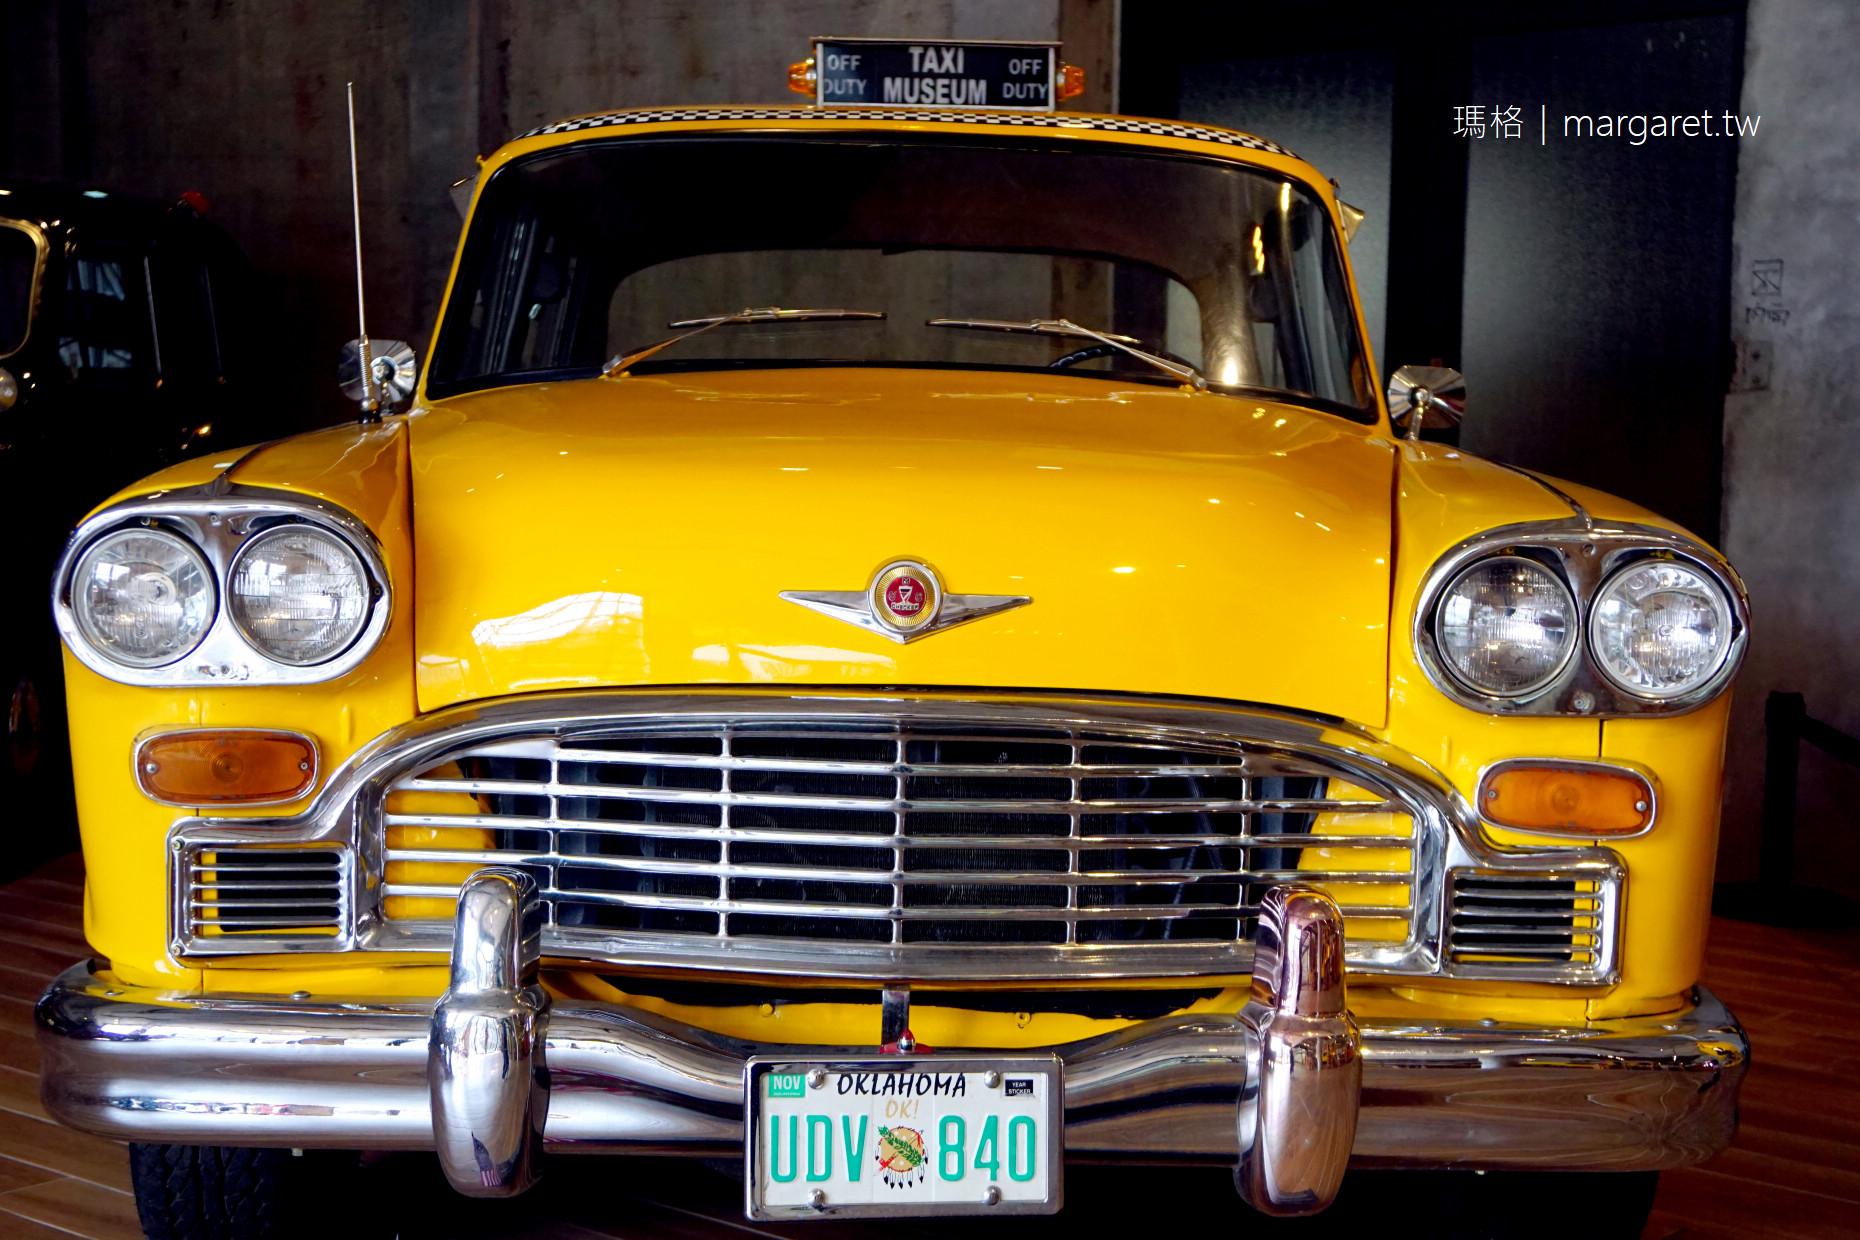 計程車博物館。Taxi古董車齊聚蘇澳|世界第一家計程車主題展覽館